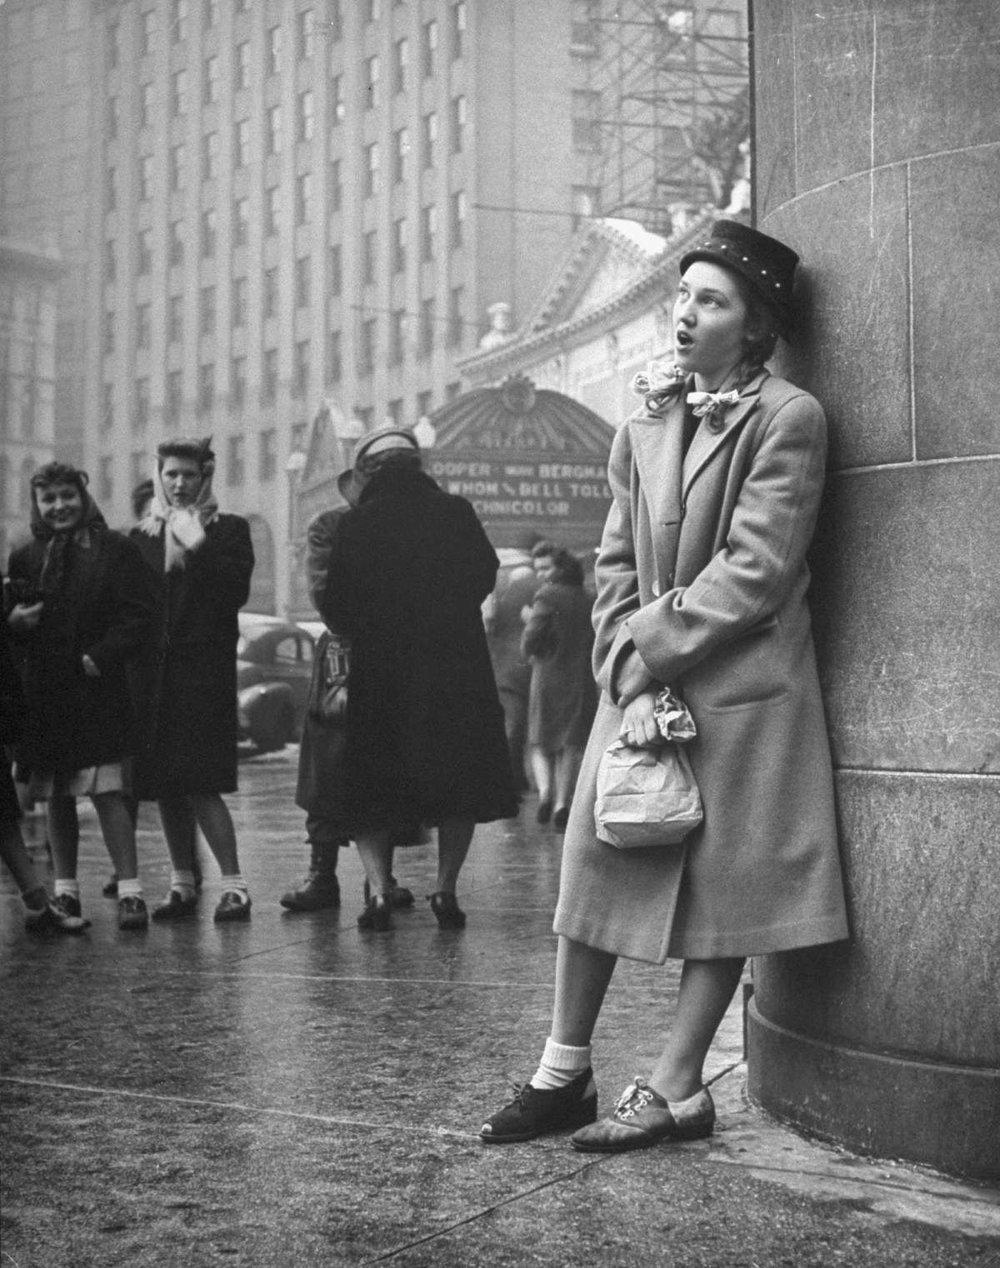 Una chica, pretendiente a entrar en un club de chicas, canta en una esquina durante una prueba de iniciación.  LIFE